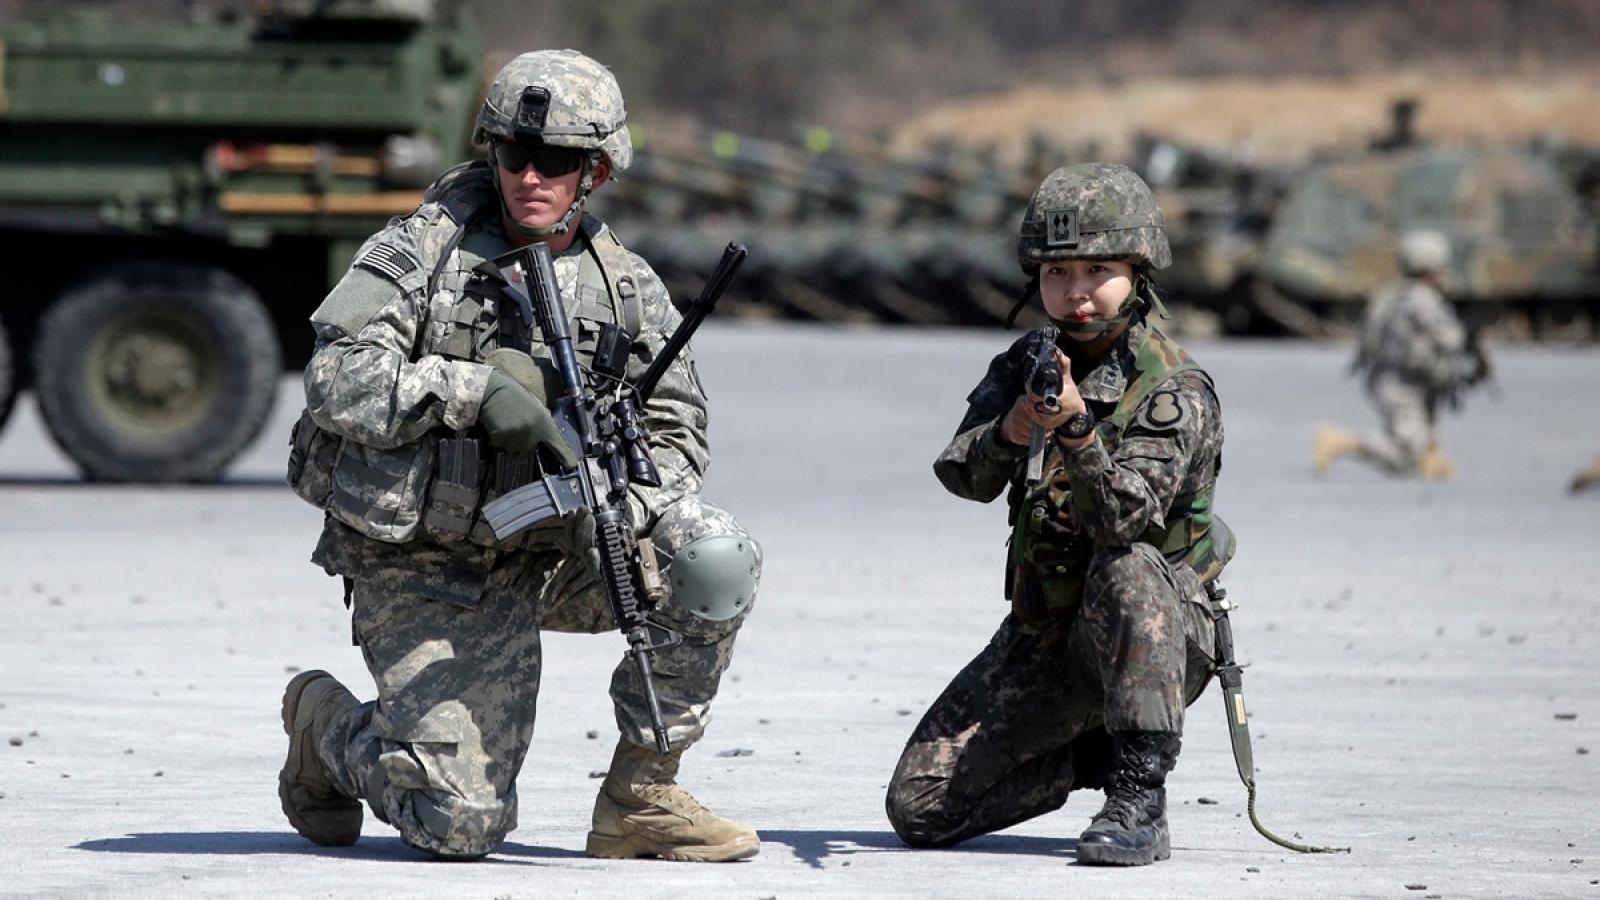 Hàn Quốc-Mỹ chính thức ký kết thỏa thuận chia sẻ chi phí quốc phòng